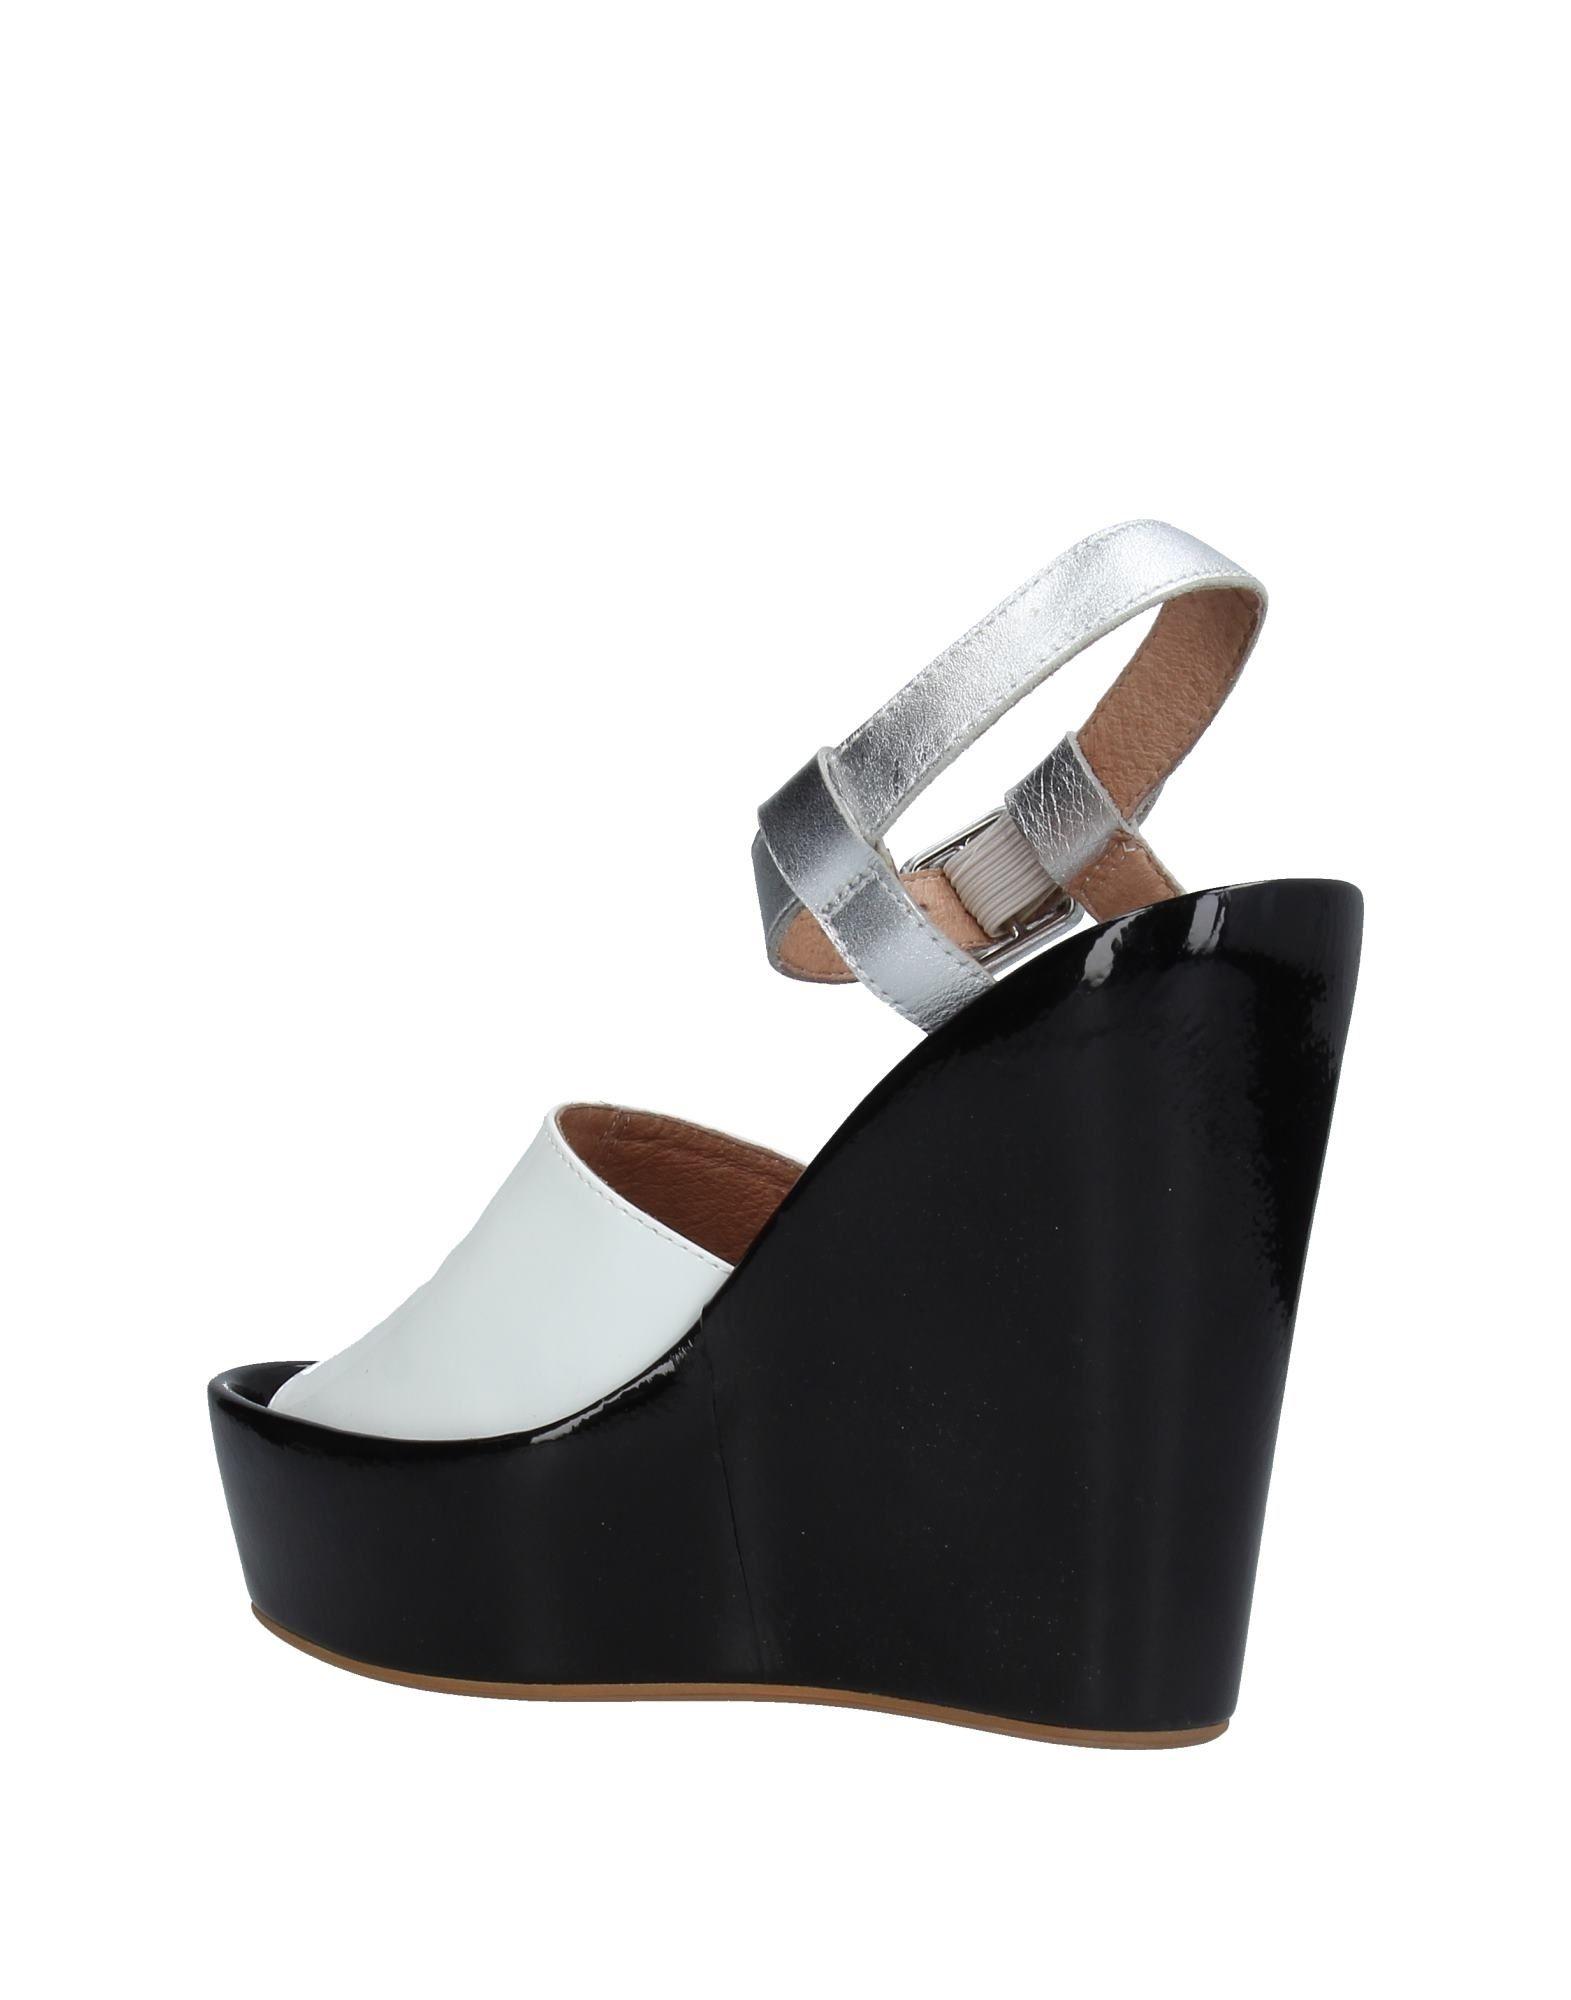 Jeffrey Campbell Sandalen Damen  11266564ST 11266564ST  Gute Qualität beliebte Schuhe 4e8bd6